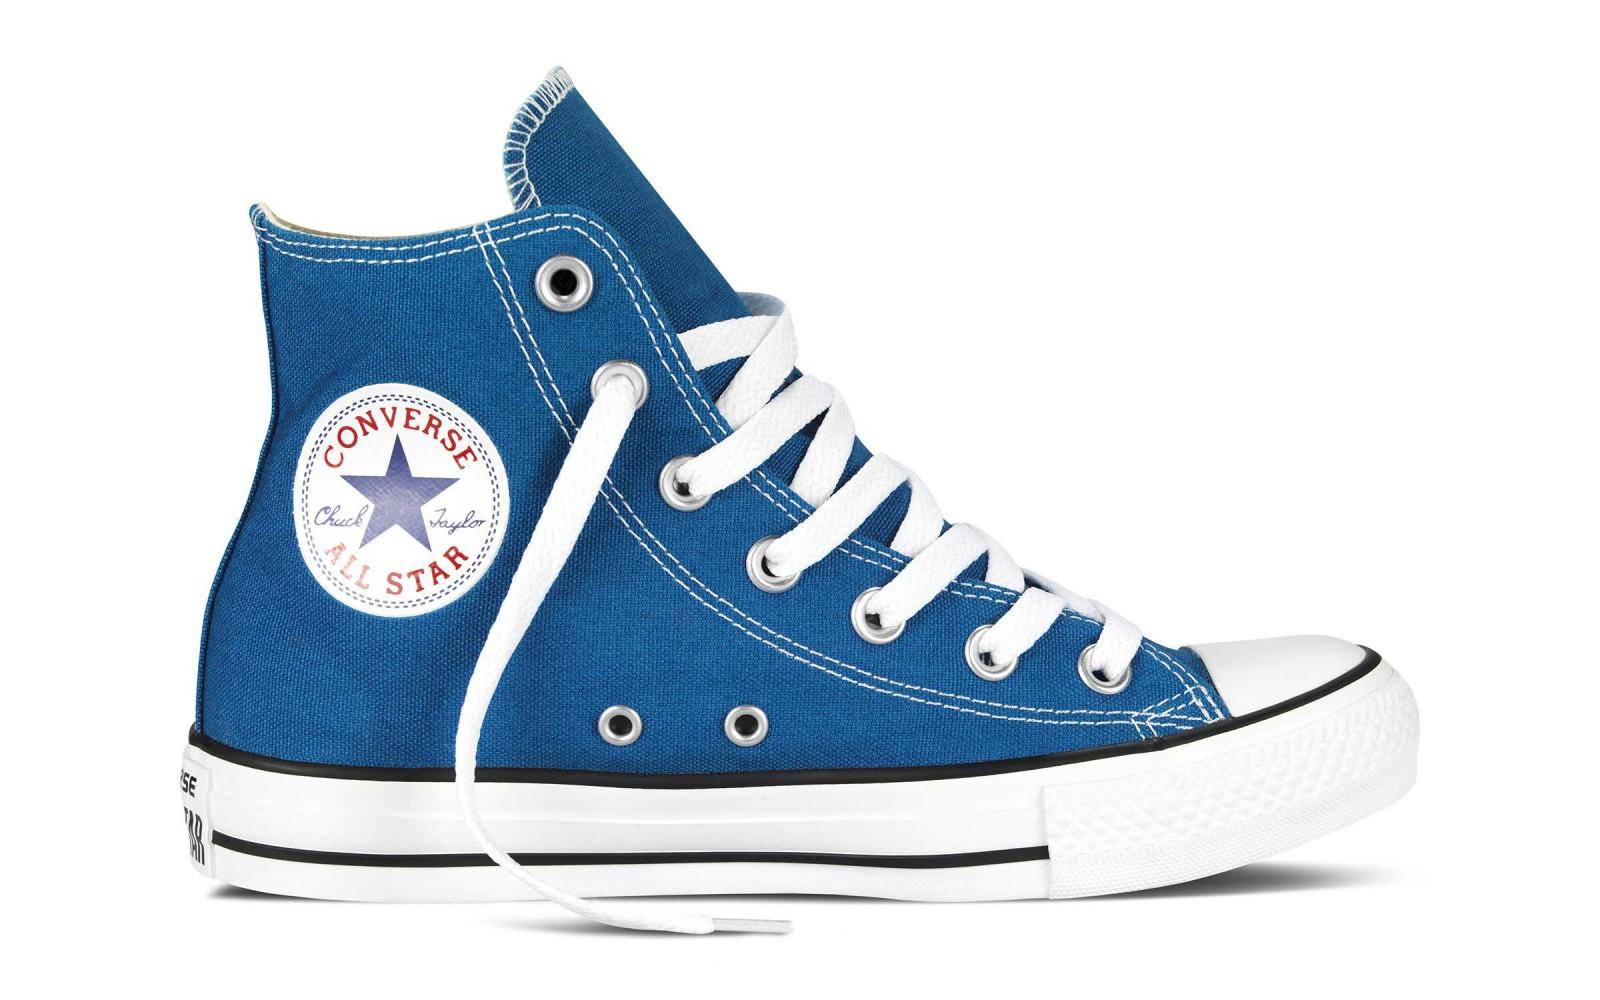 4f03a11aa50 Dámské kotníkové boty Converse Chuck Taylor All Star modré